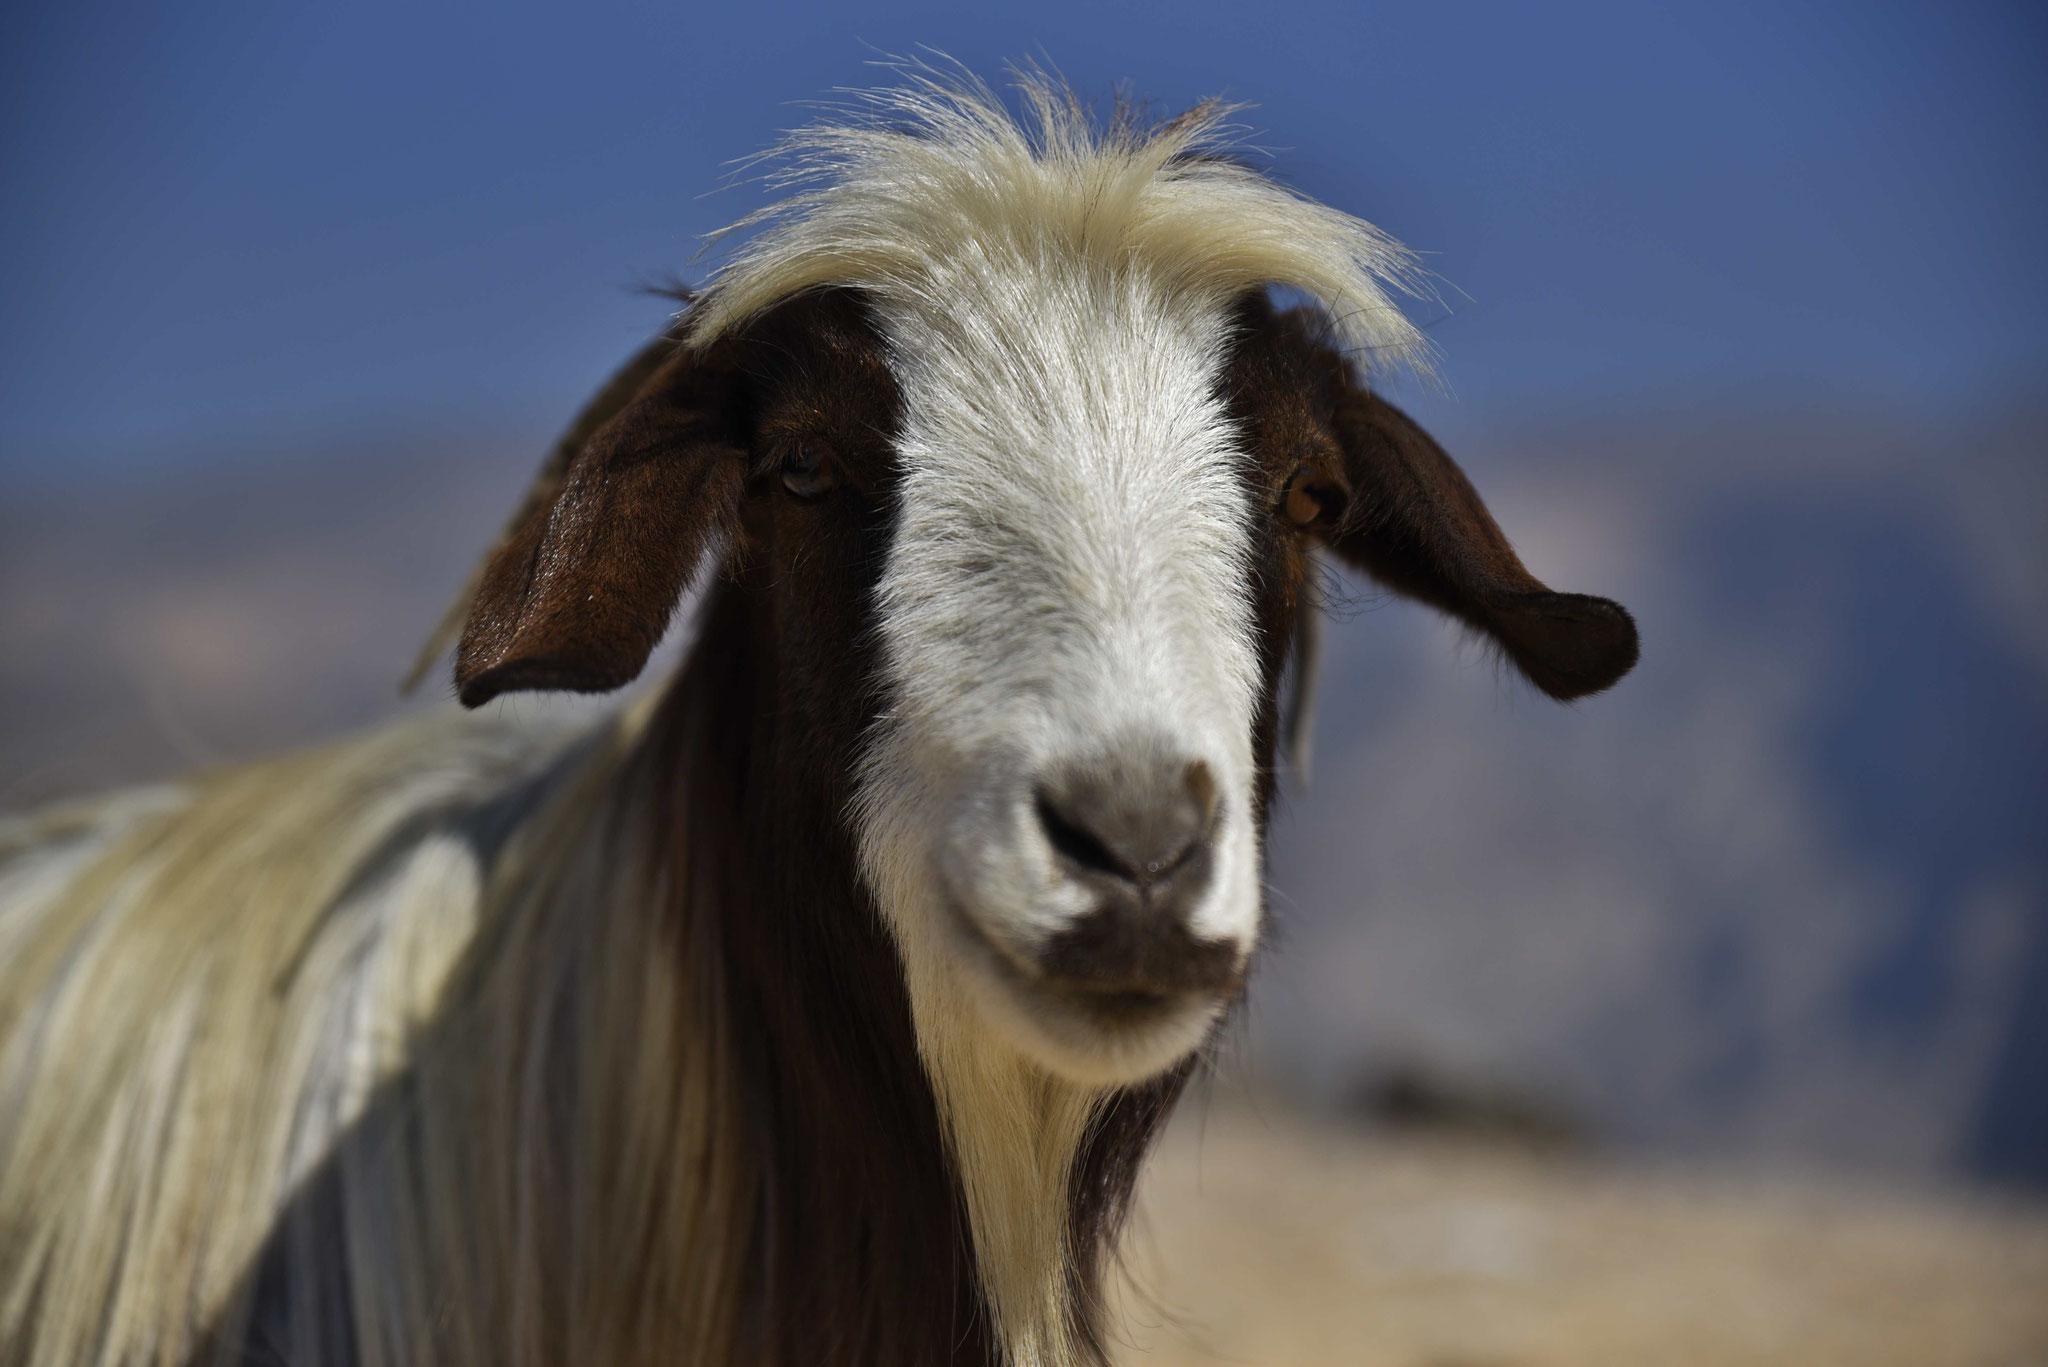 Frei rumlaufende Ziegen findet man häufig im Oman